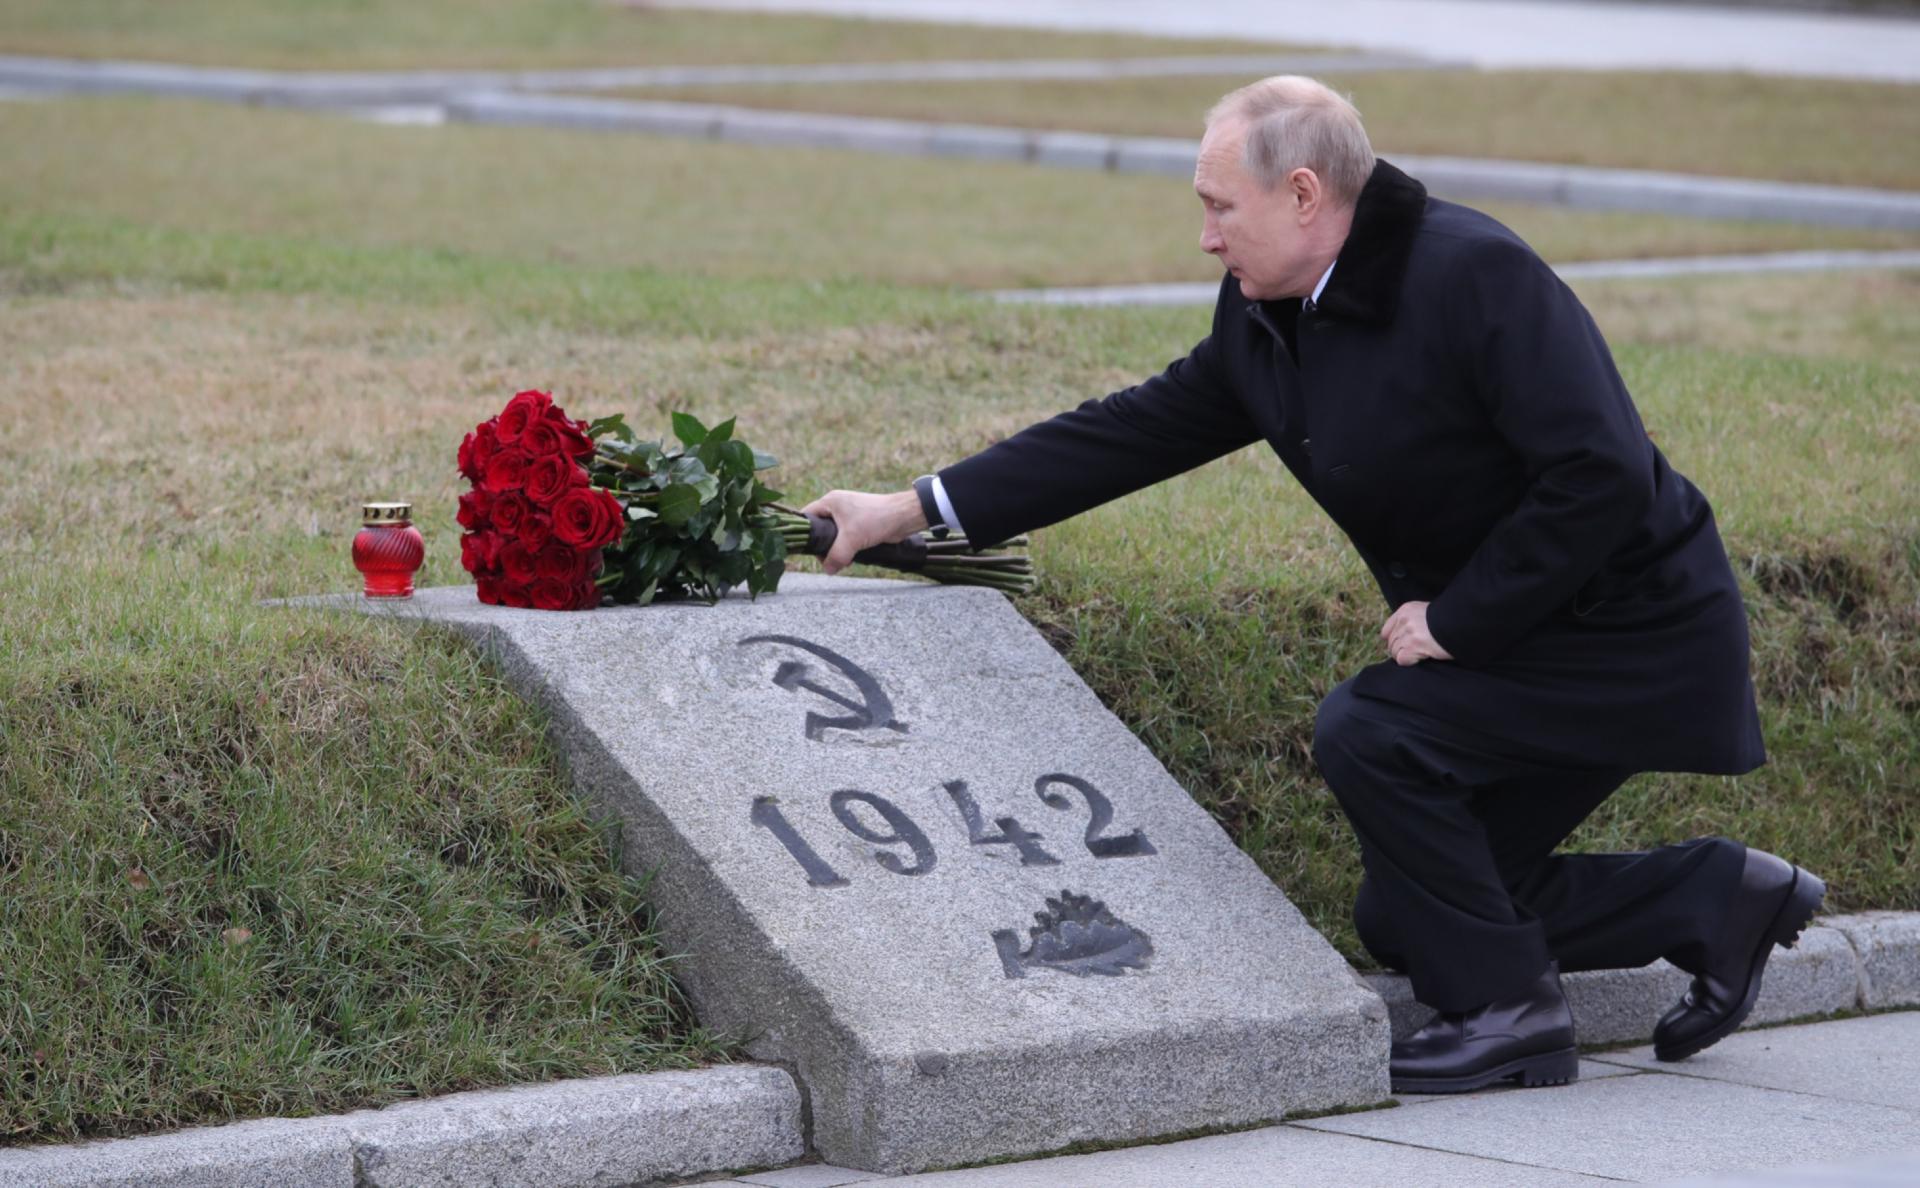 Путин пообещал выплатить ветеранам по ₽75 тыс. к 75-летию Победы photo